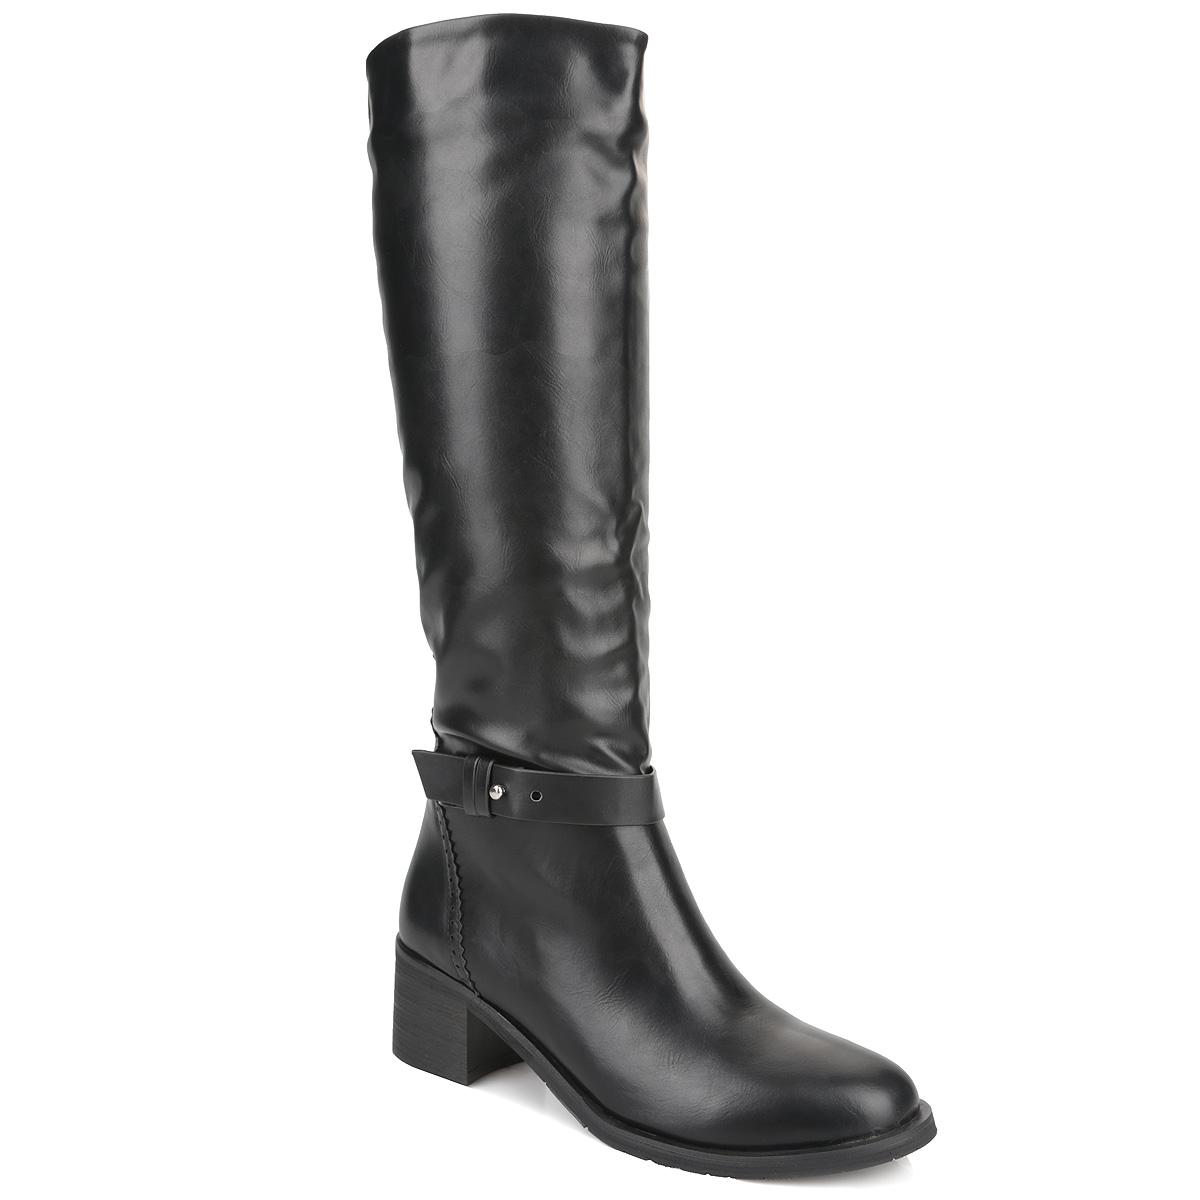 Cапоги женские. Y42-AX-03 AY42-AX-03 AСтильные сапоги от Yaro займут достойное место среди вашей коллекции обуви. Модель выполнена из искусственной кожи и оформлена перфорацией и резной окантовкой на задней поверхности. Подъем изделия украшен поперечным ремешком. Сапоги застегиваются на удобную боковую застежку-молнию. Резинки, расположенные на голенище, отвечают за оптимальную посадку модели на вашей ноге. Мягкая подкладка и стелька из байки сохраняют тепло, обеспечивая максимальный комфорт при движении. Умеренной высоты каблук устойчив. Каблук и подошва дополнены противоскользящим рифлением. Удобные сапоги - незаменимая вещь в гардеробе каждой женщины.